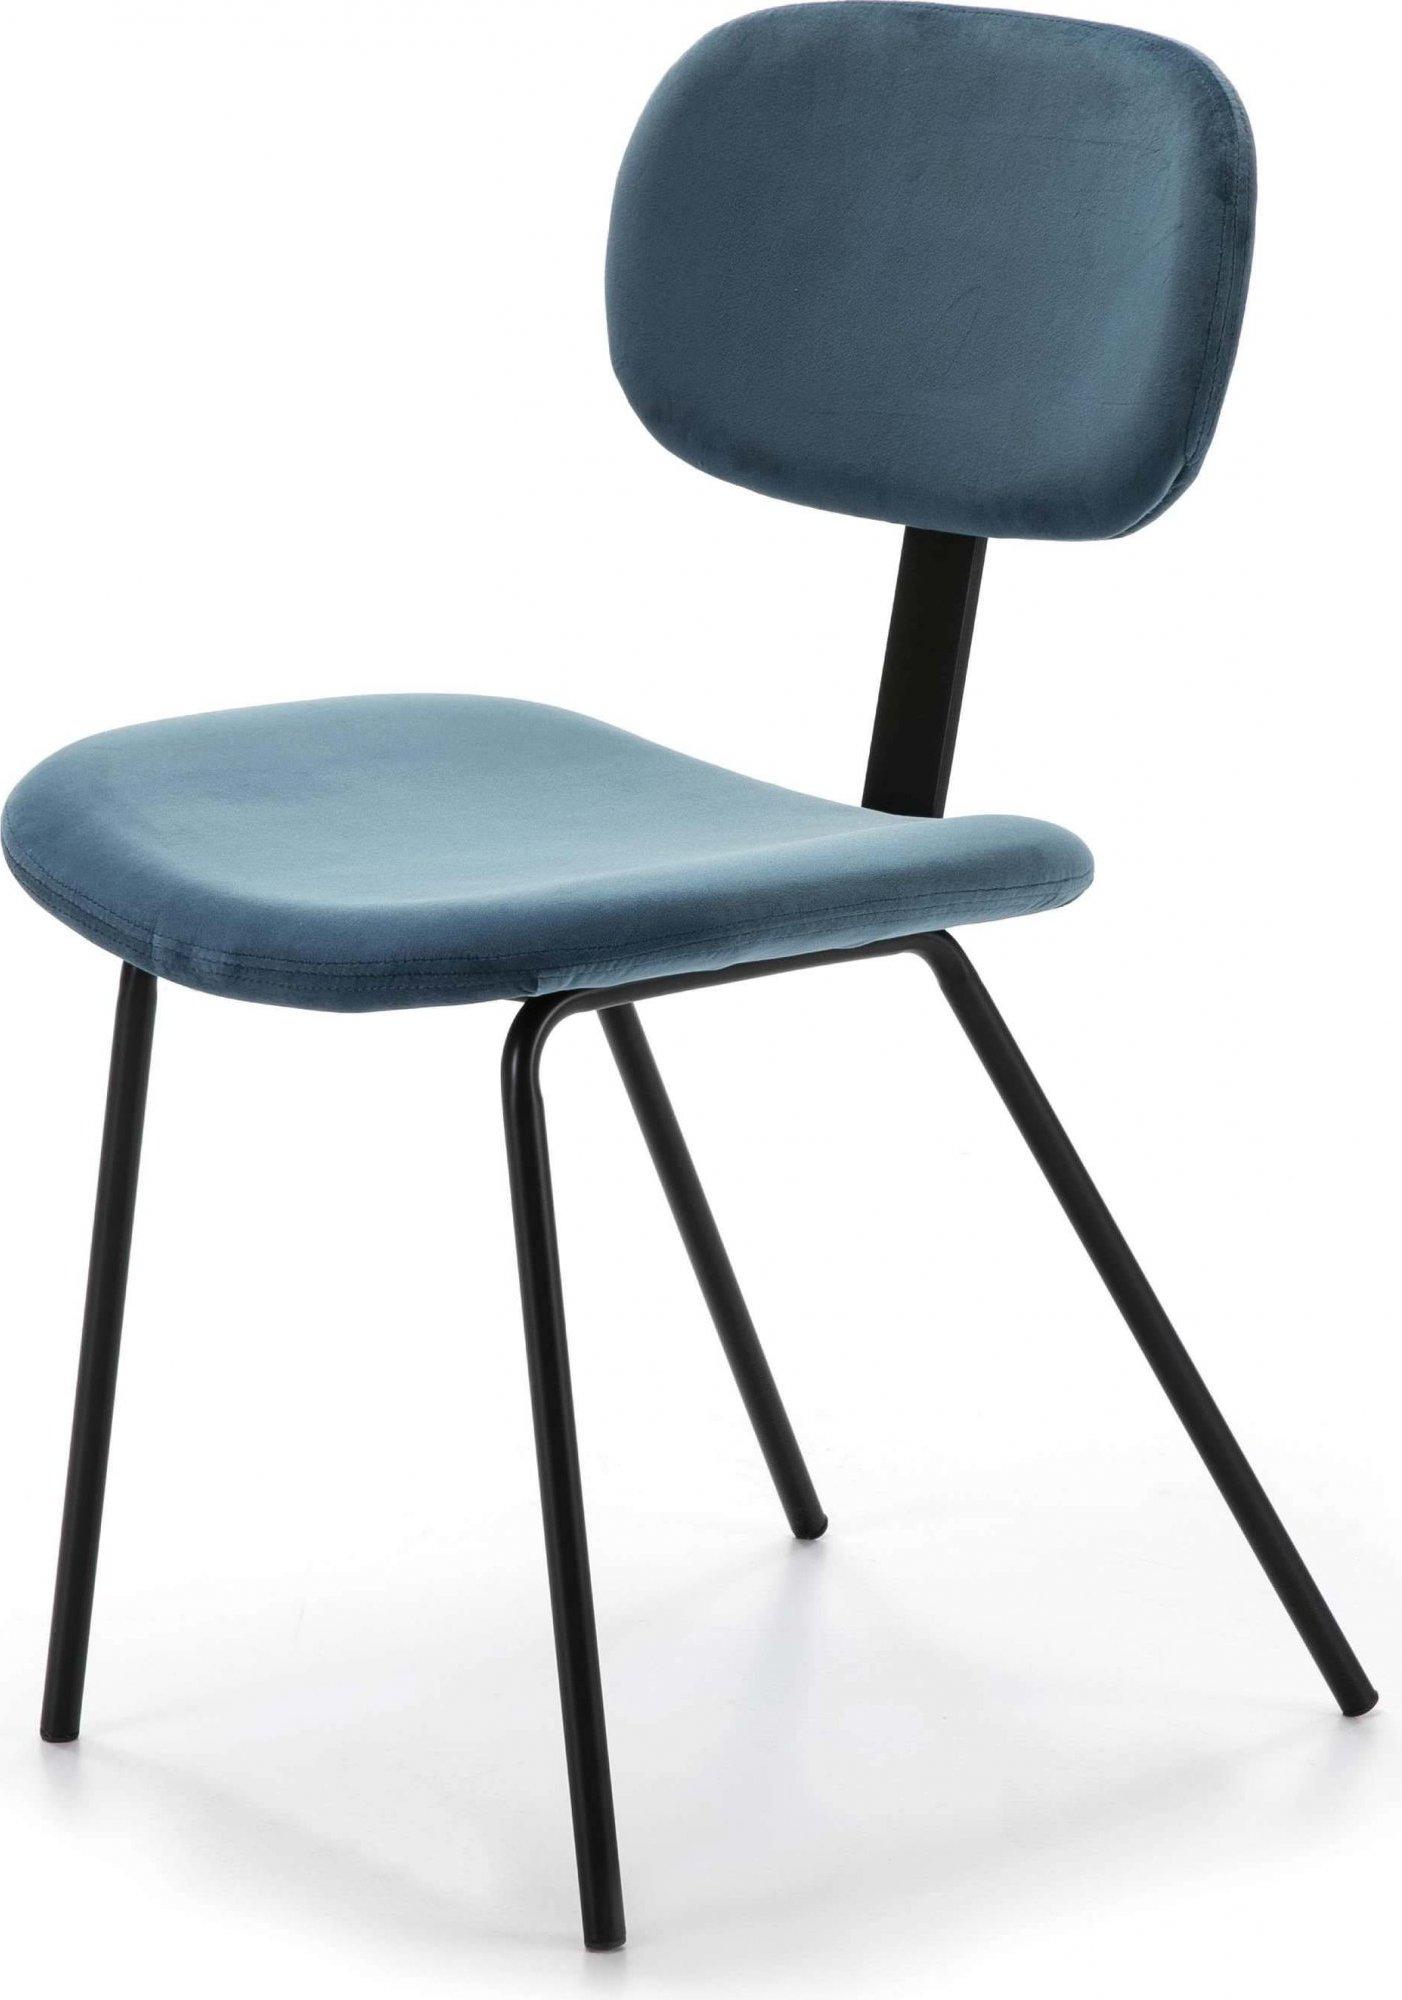 maison du monde Chaise design rembourrée couleur bleu pétrole pieds noir